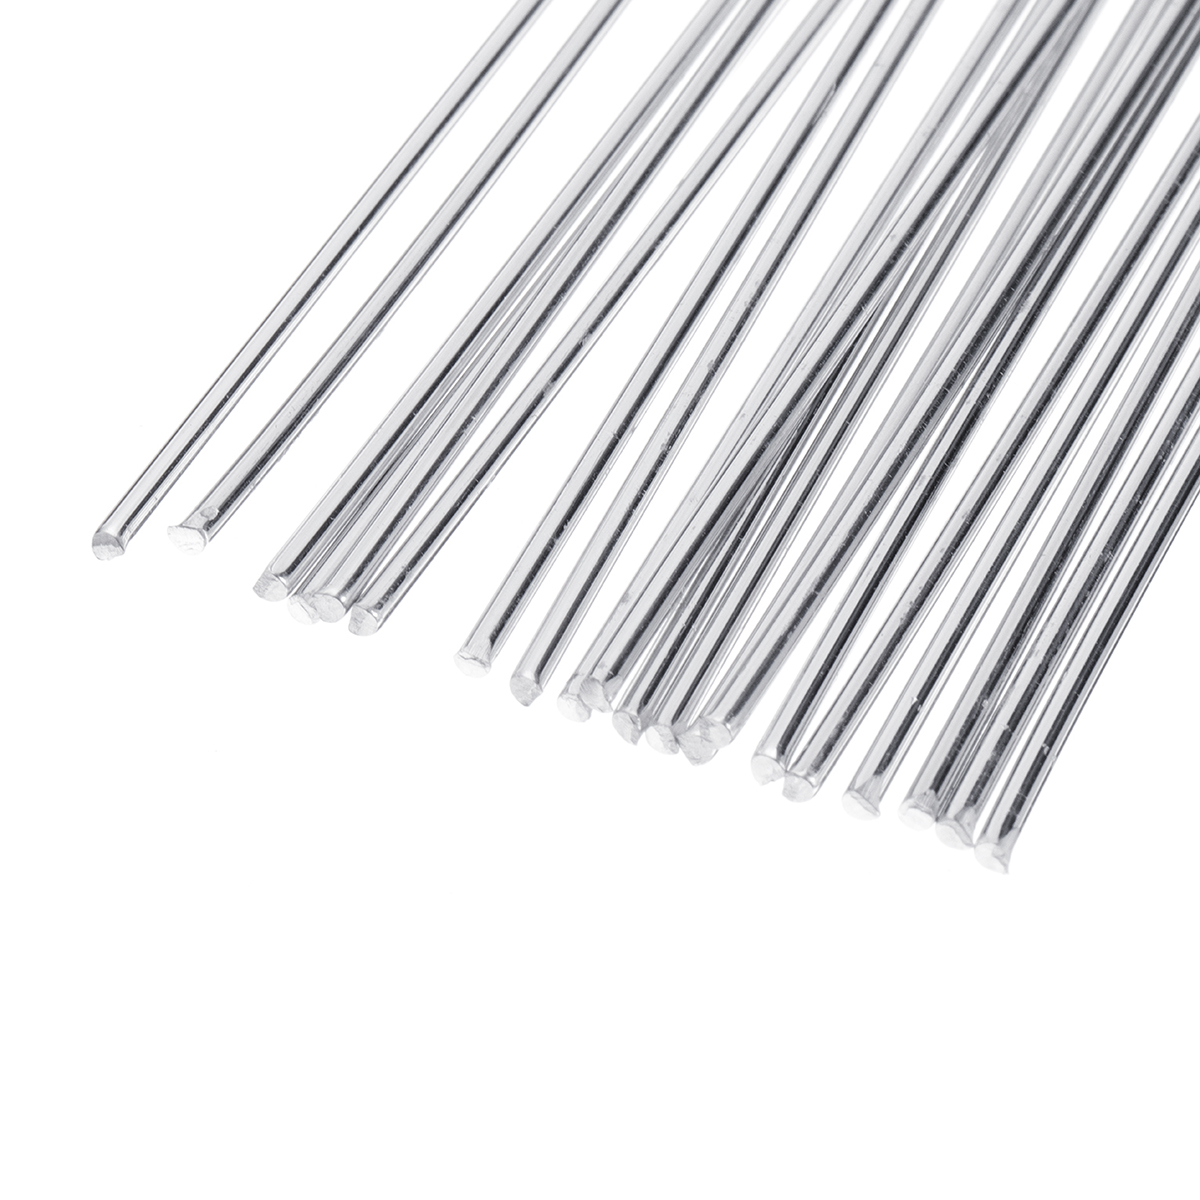 20pcs er1100 low temperature aluminum welding solder wire